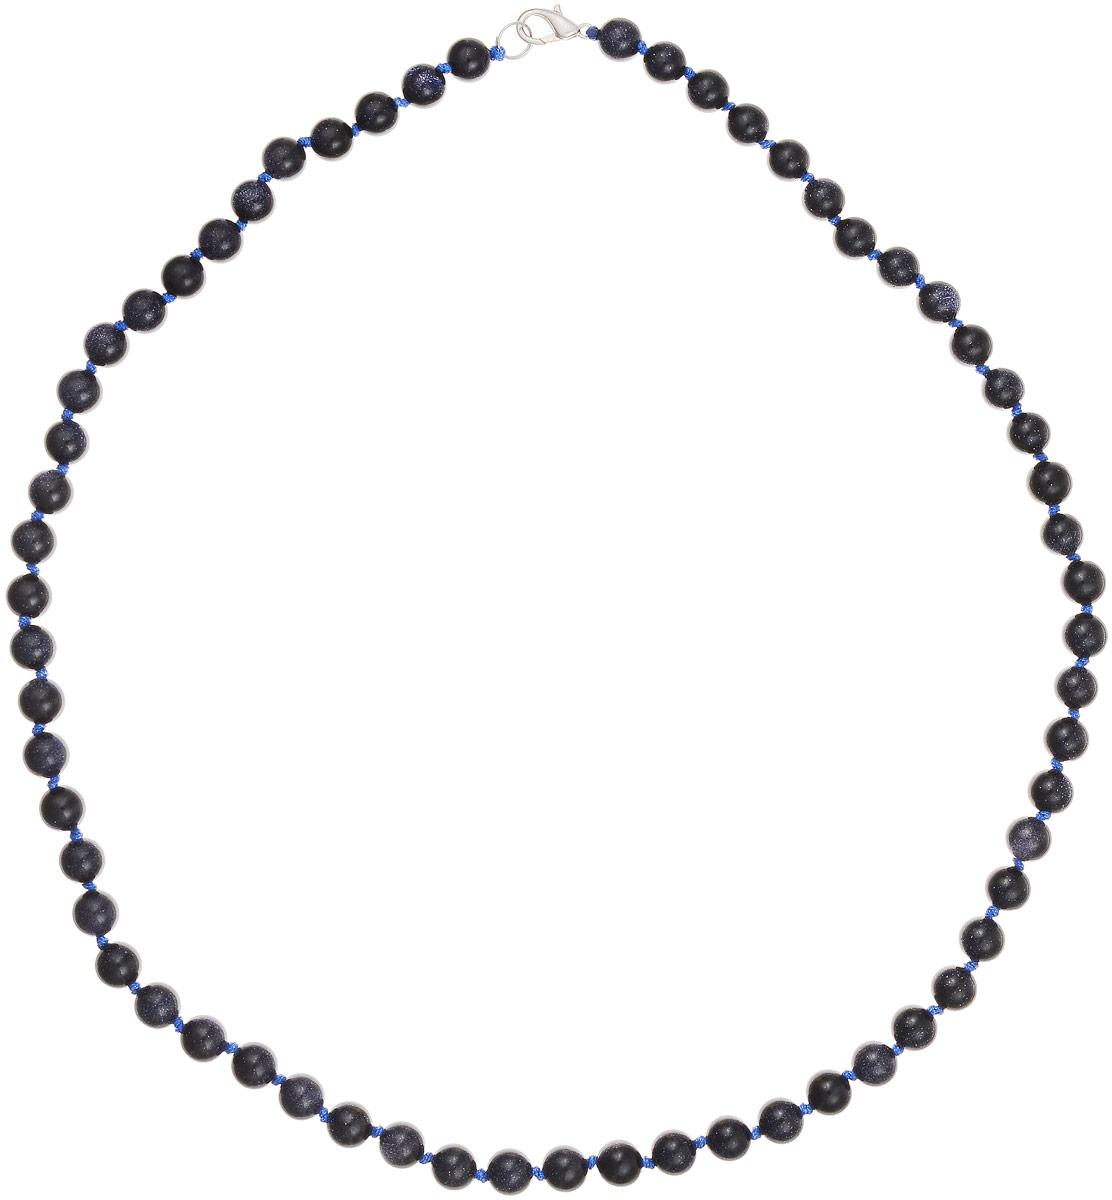 Бусы Art-Silver, цвет: темно-синий, длина 60 см. Ав8-60-423Ав8-60-423Бусы Art-Silver выполнены из авантюрина, нанизанного на текстильную нить. Украшение застегивается на практичный карабин из бижутерного сплава. Бусины диаметром 6 мм имеют характерный для натурального авантюрина блеск, напоминающий множество блесток, заключенных внутри камня, благодаря чему такие бусы красиво играют на свету. Нить окрашена в синий цвет, что подчеркивает оригинальные переливы бусин.